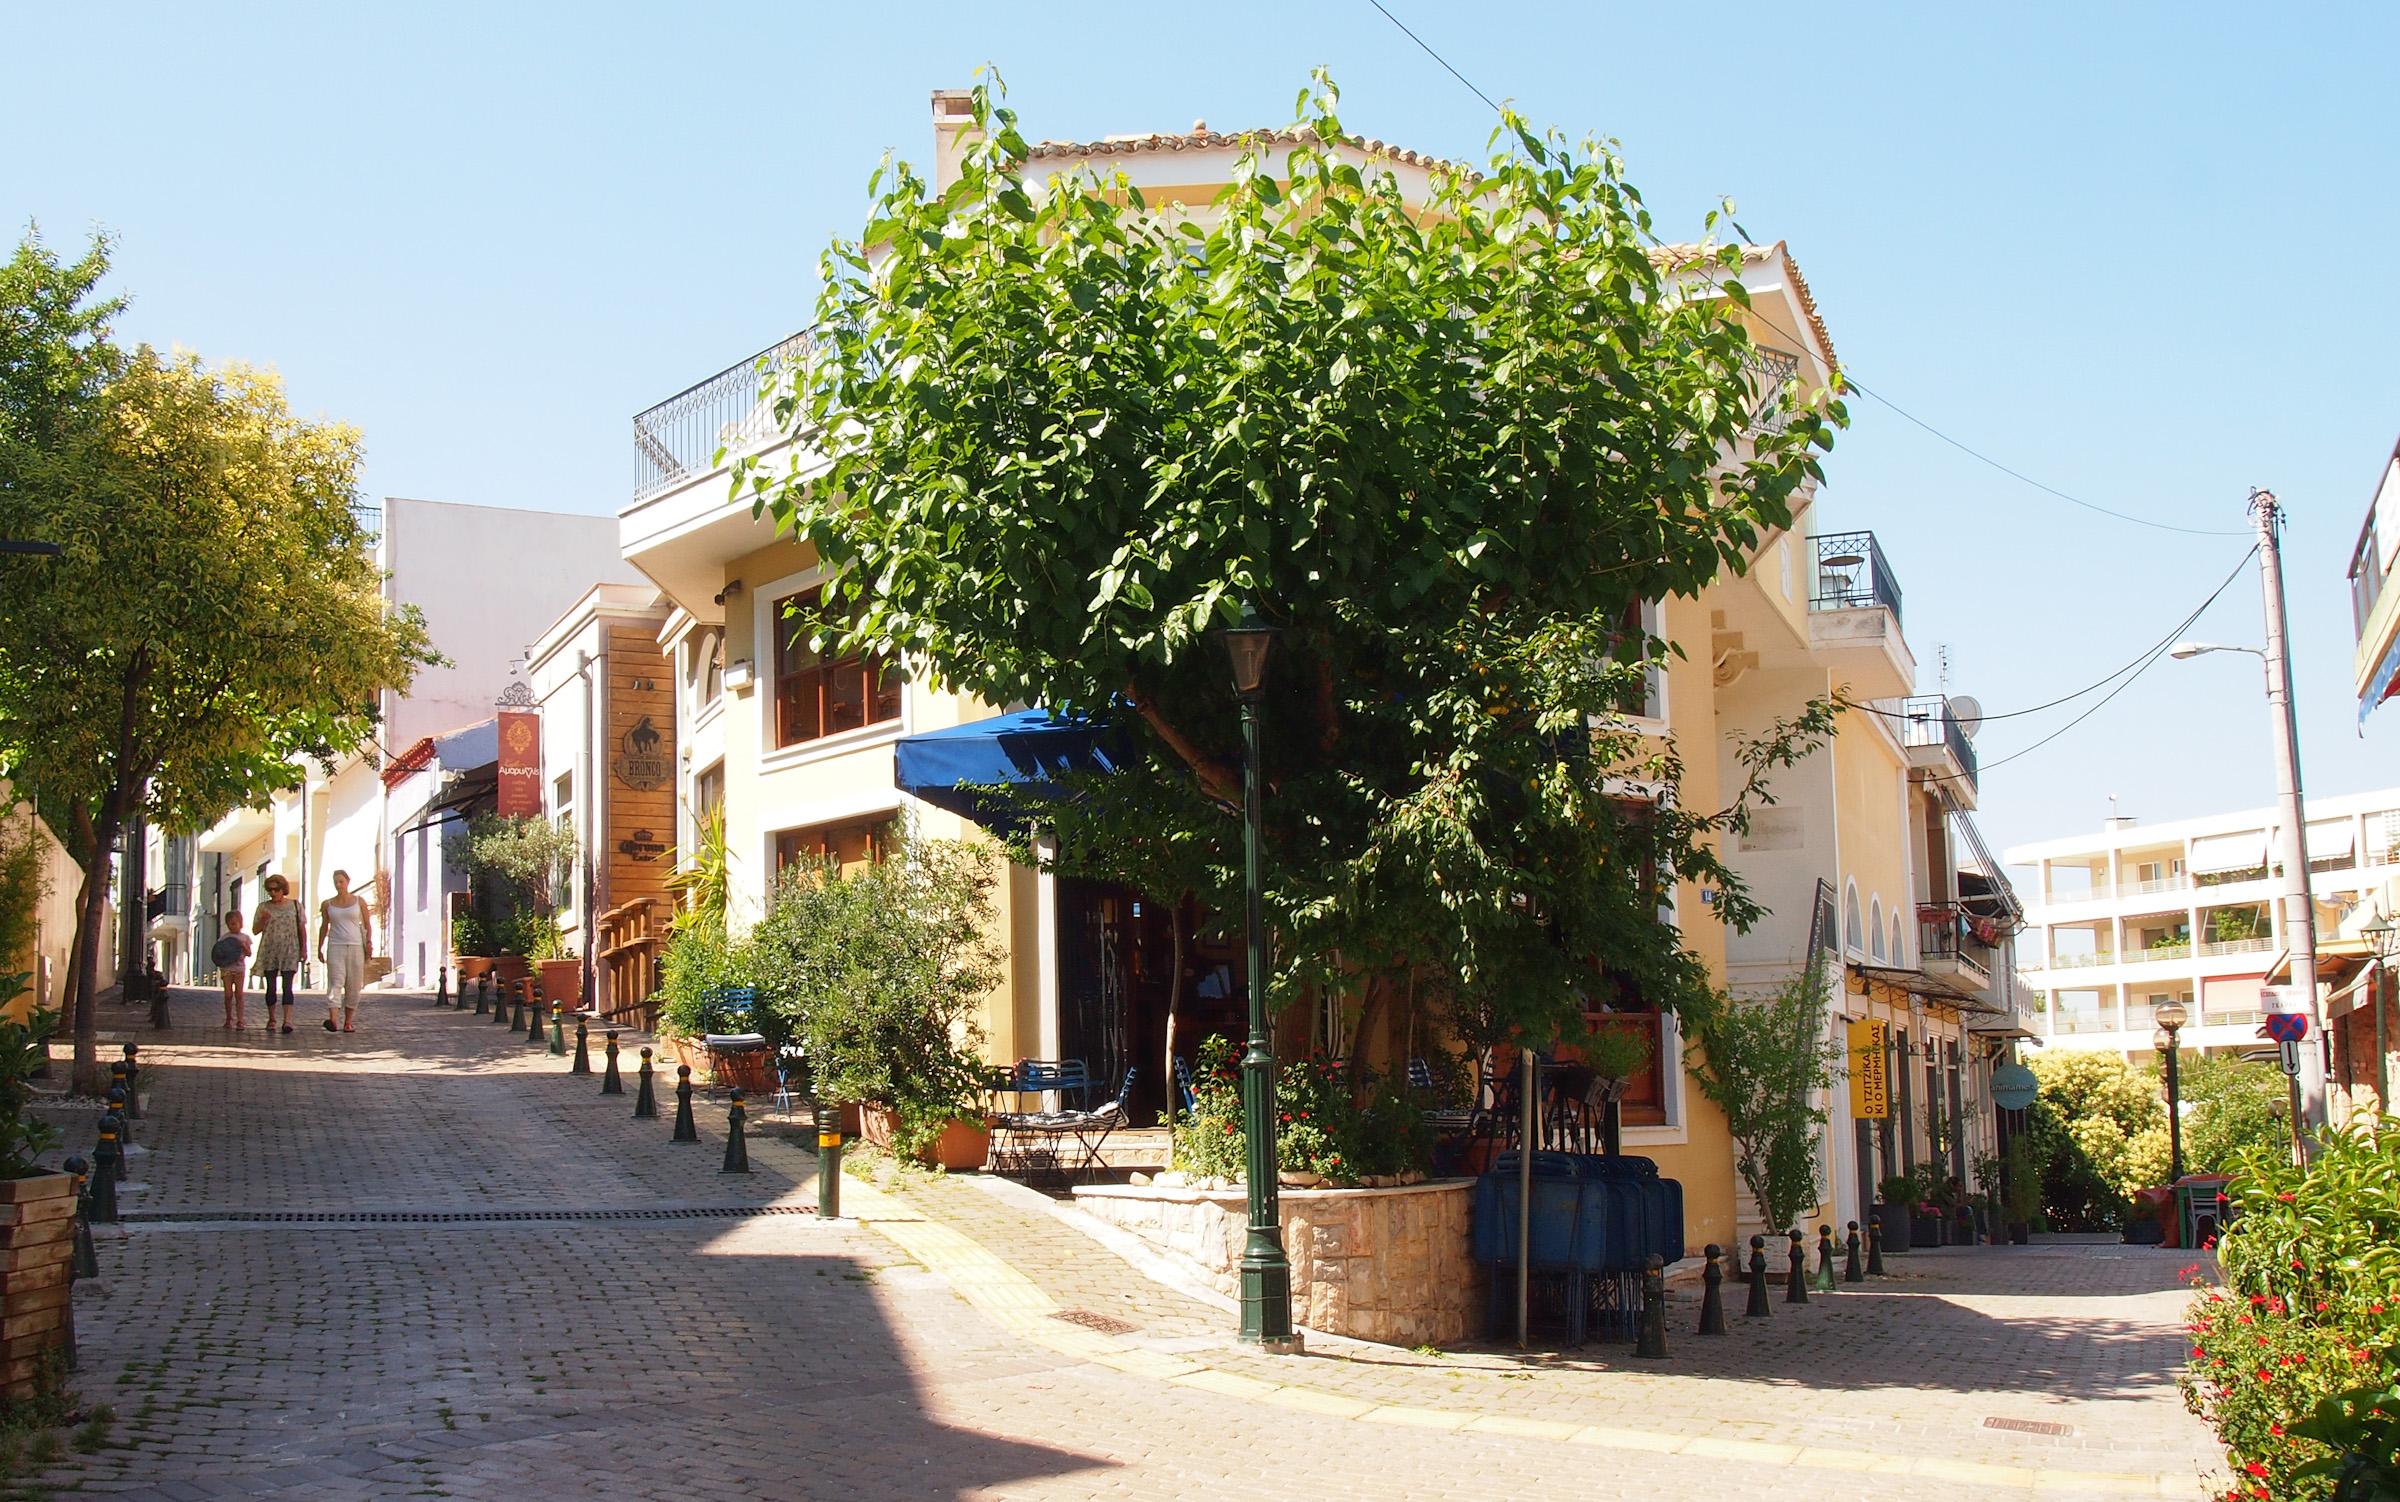 Café ausserhalb der Hektik in Kifissia, Athen. Foto: jag, 2017.